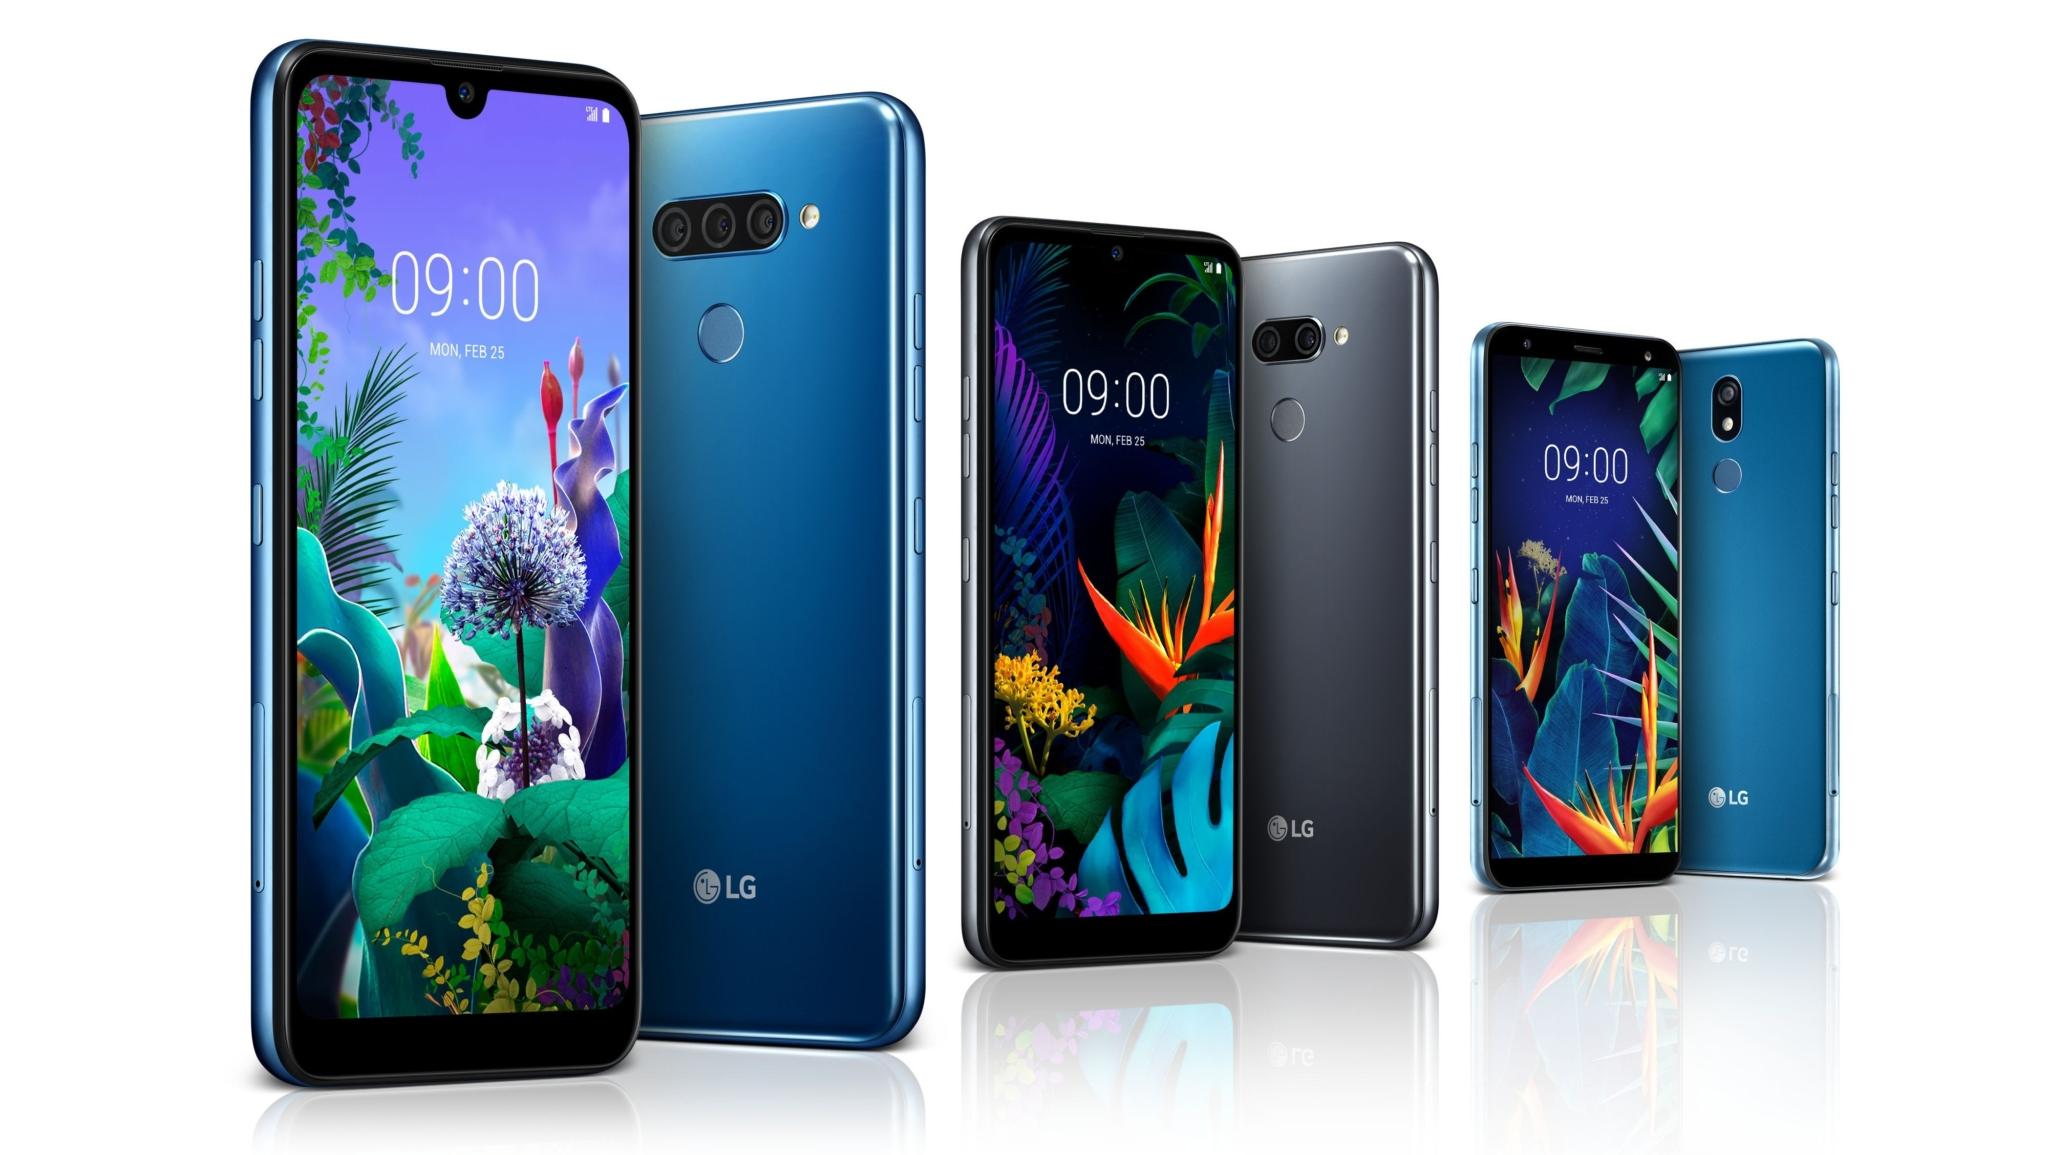 LG představilo mobily Q60, K50 a K40, zamíří do střední třídy [MWC]